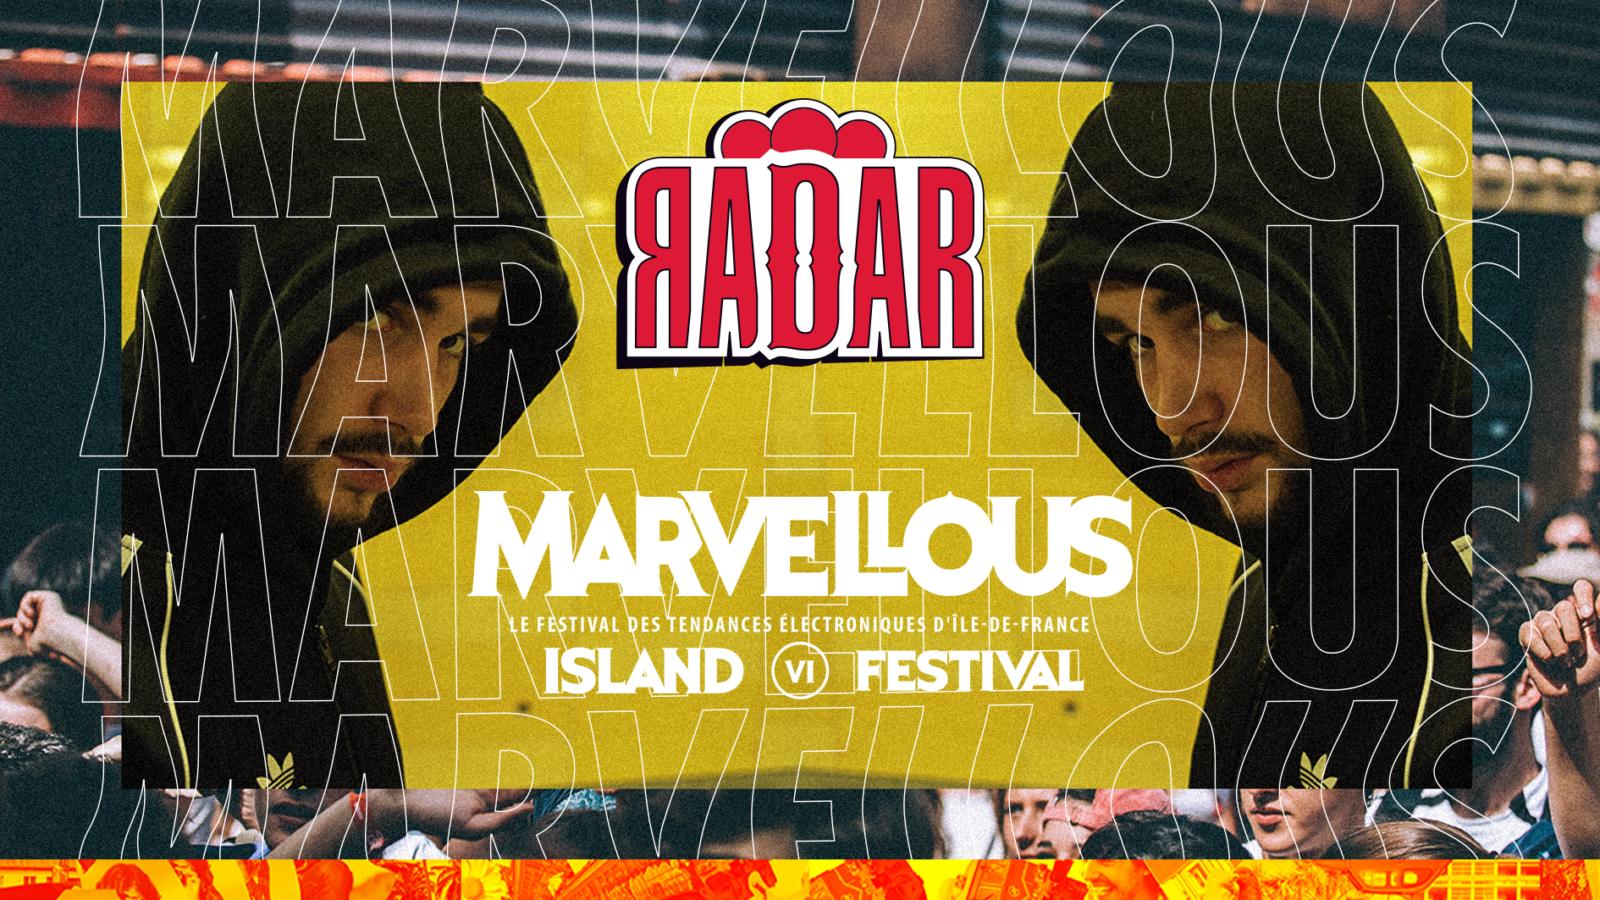 Une scène 100% hip-hop au coeur du Marvellous Island !